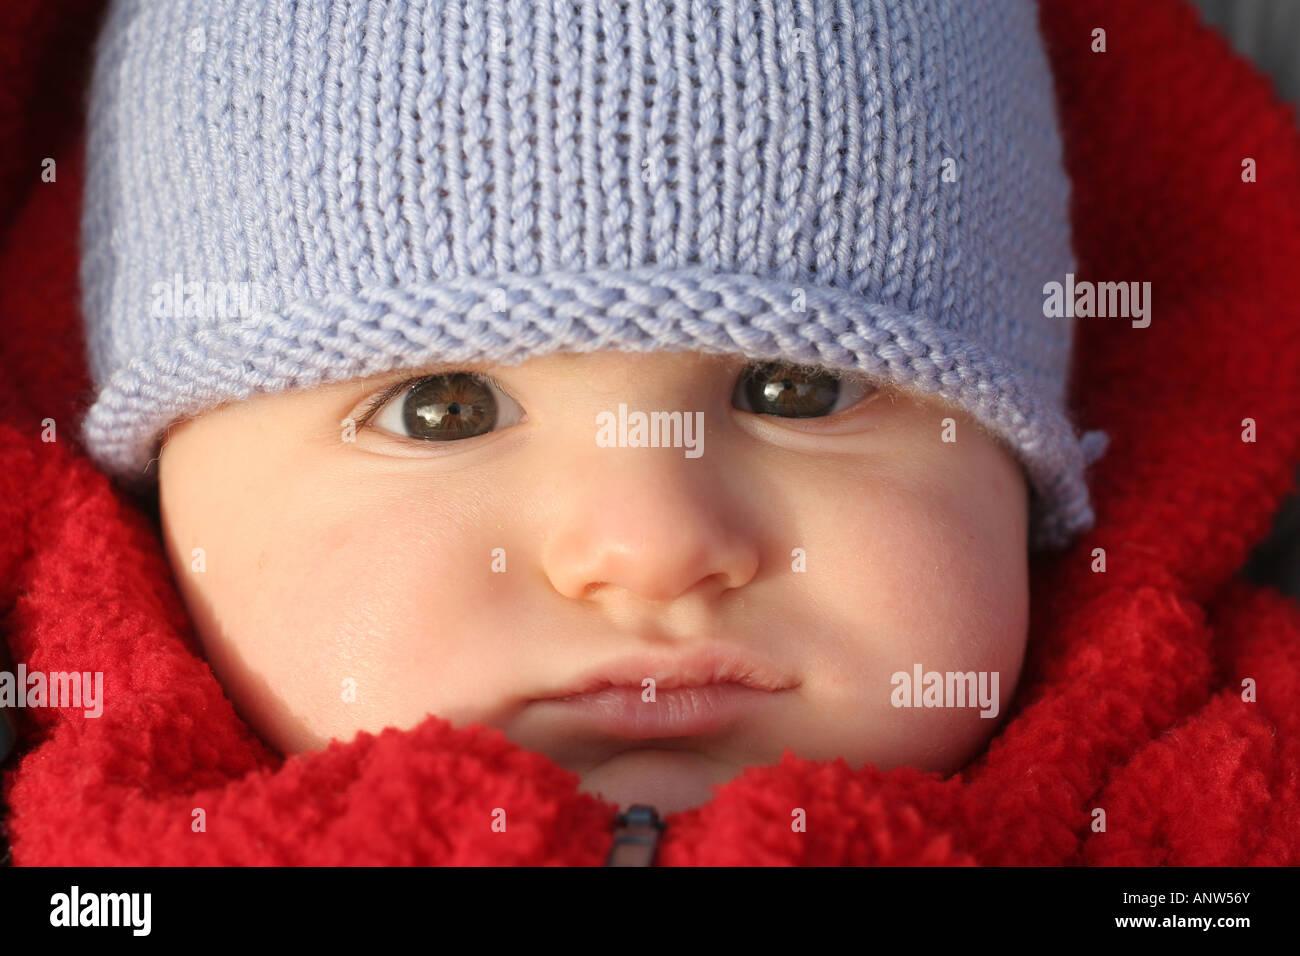 8 mois Bébé garçon avec manteau rouge et bonnet de laine bleu Photo Stock